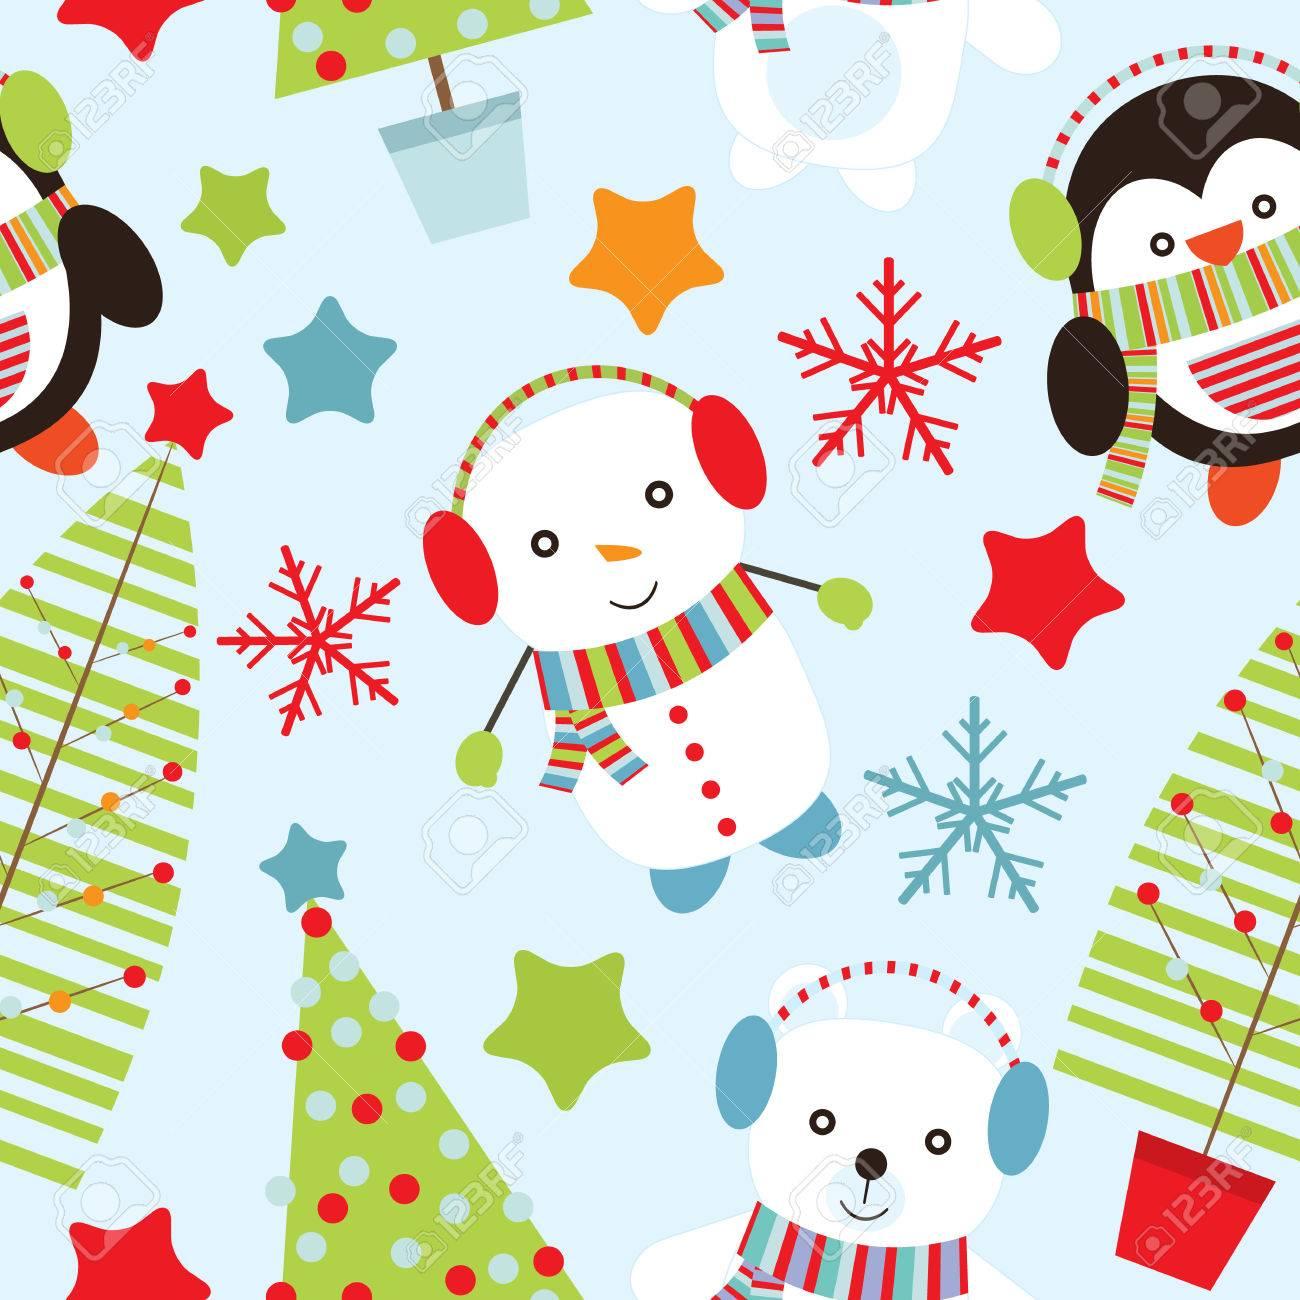 クリスマス イラストかわいいクマ 雪だるま 青い背景の壁紙 ポストカード メモ用紙に適したにペンギンとのシームレスな背景のイラスト素材 ベクタ Image